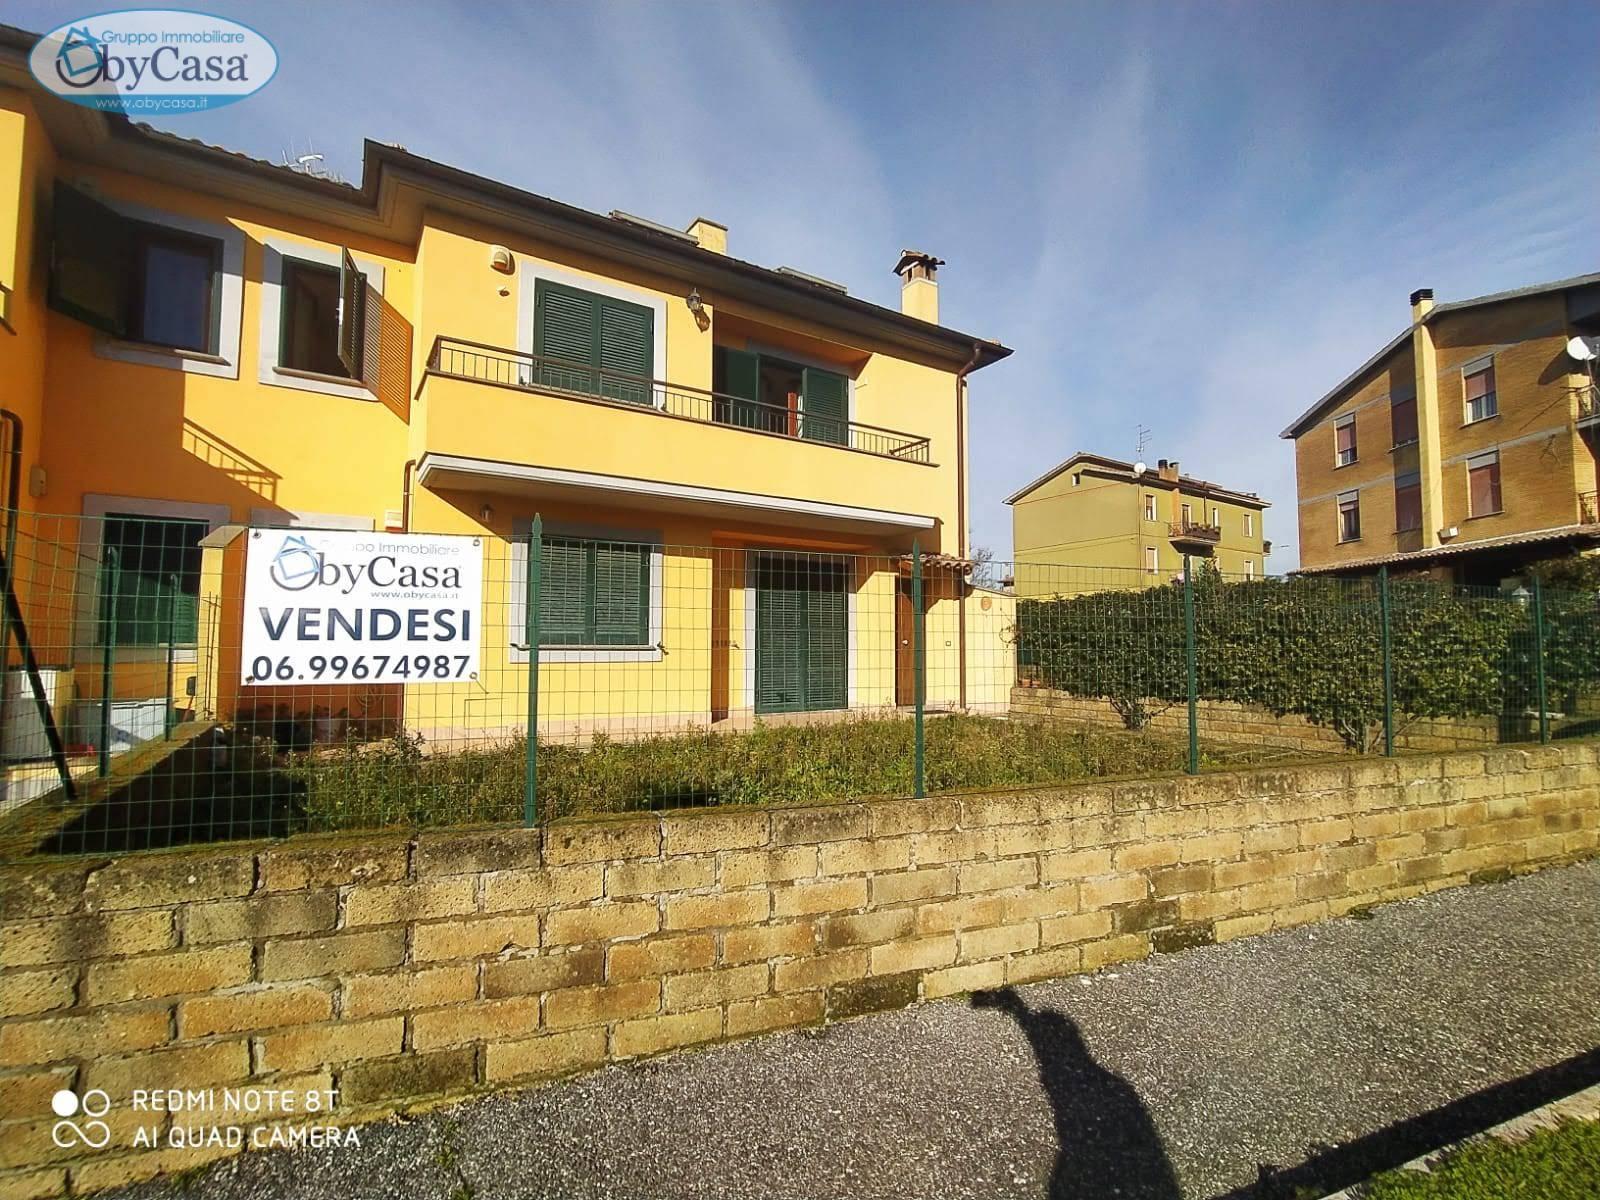 Agenzie Immobiliari Bassano quadrilocale in vendita a bassano romano